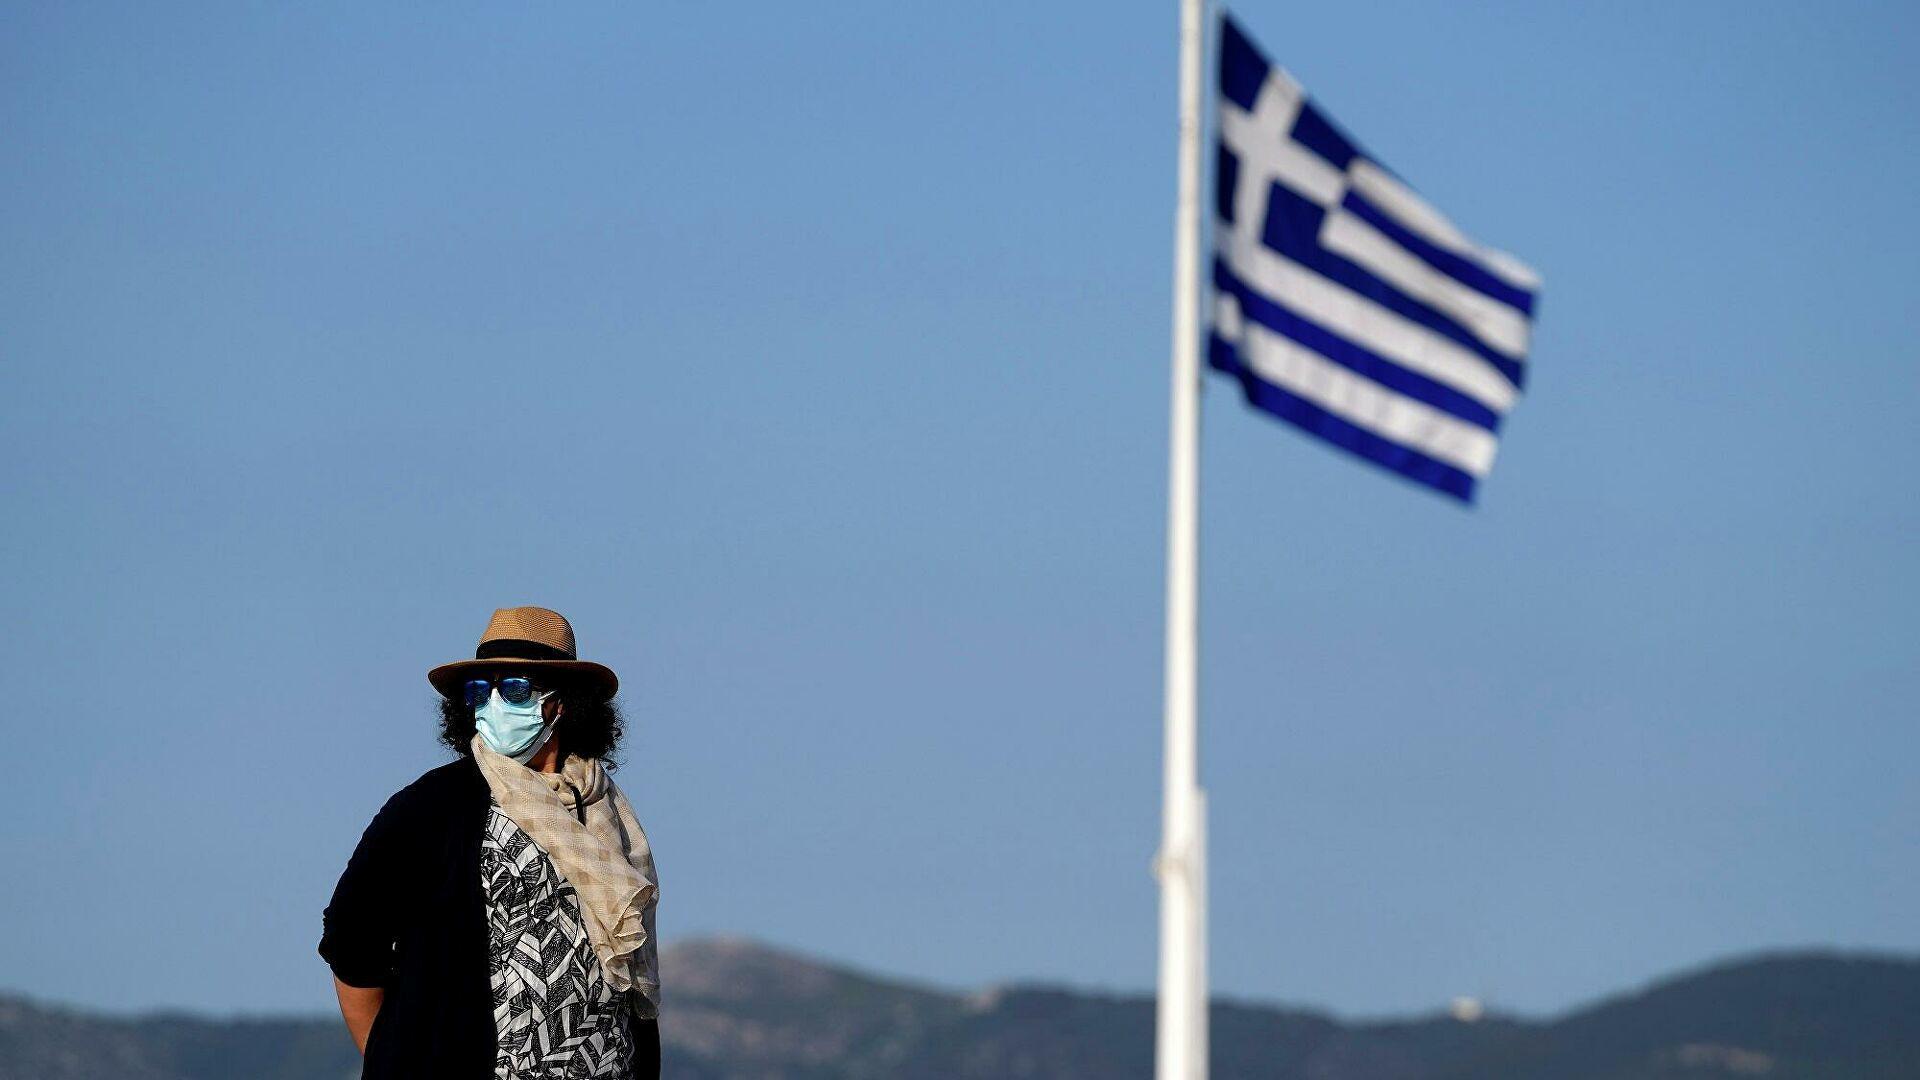 Yunanistan'ın ünlü isimlerinden 'geleneksel olmayan ilişkileri dayatmama' çağrısı